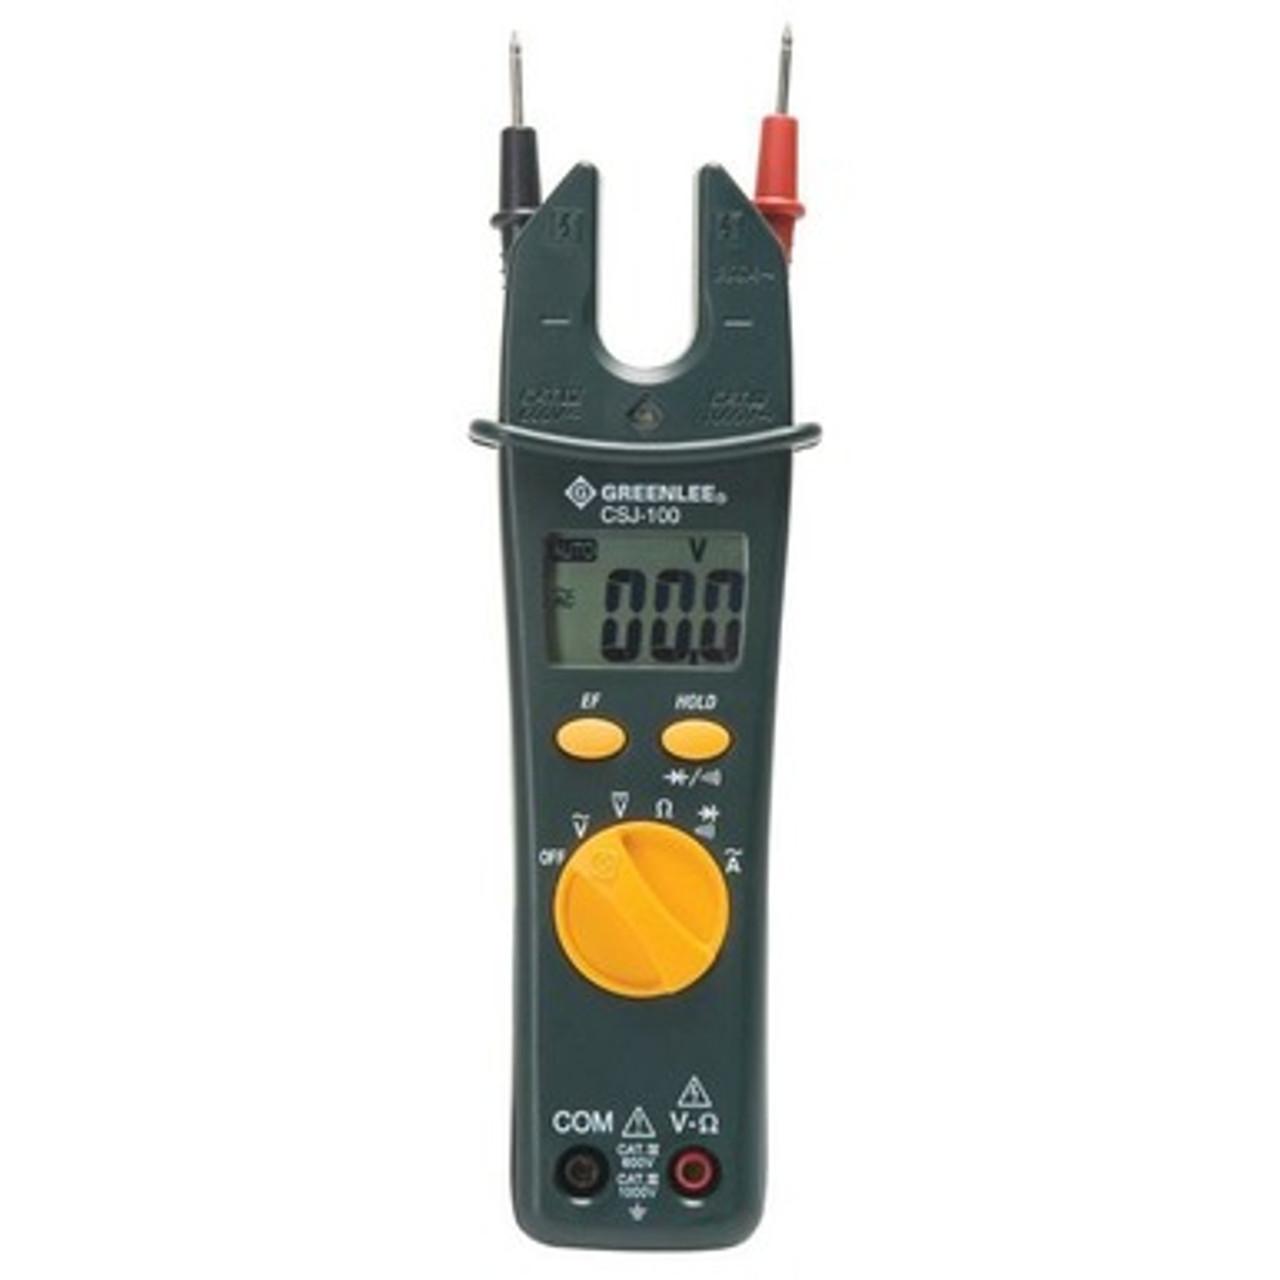 Greenlee CSJ-100 Tool